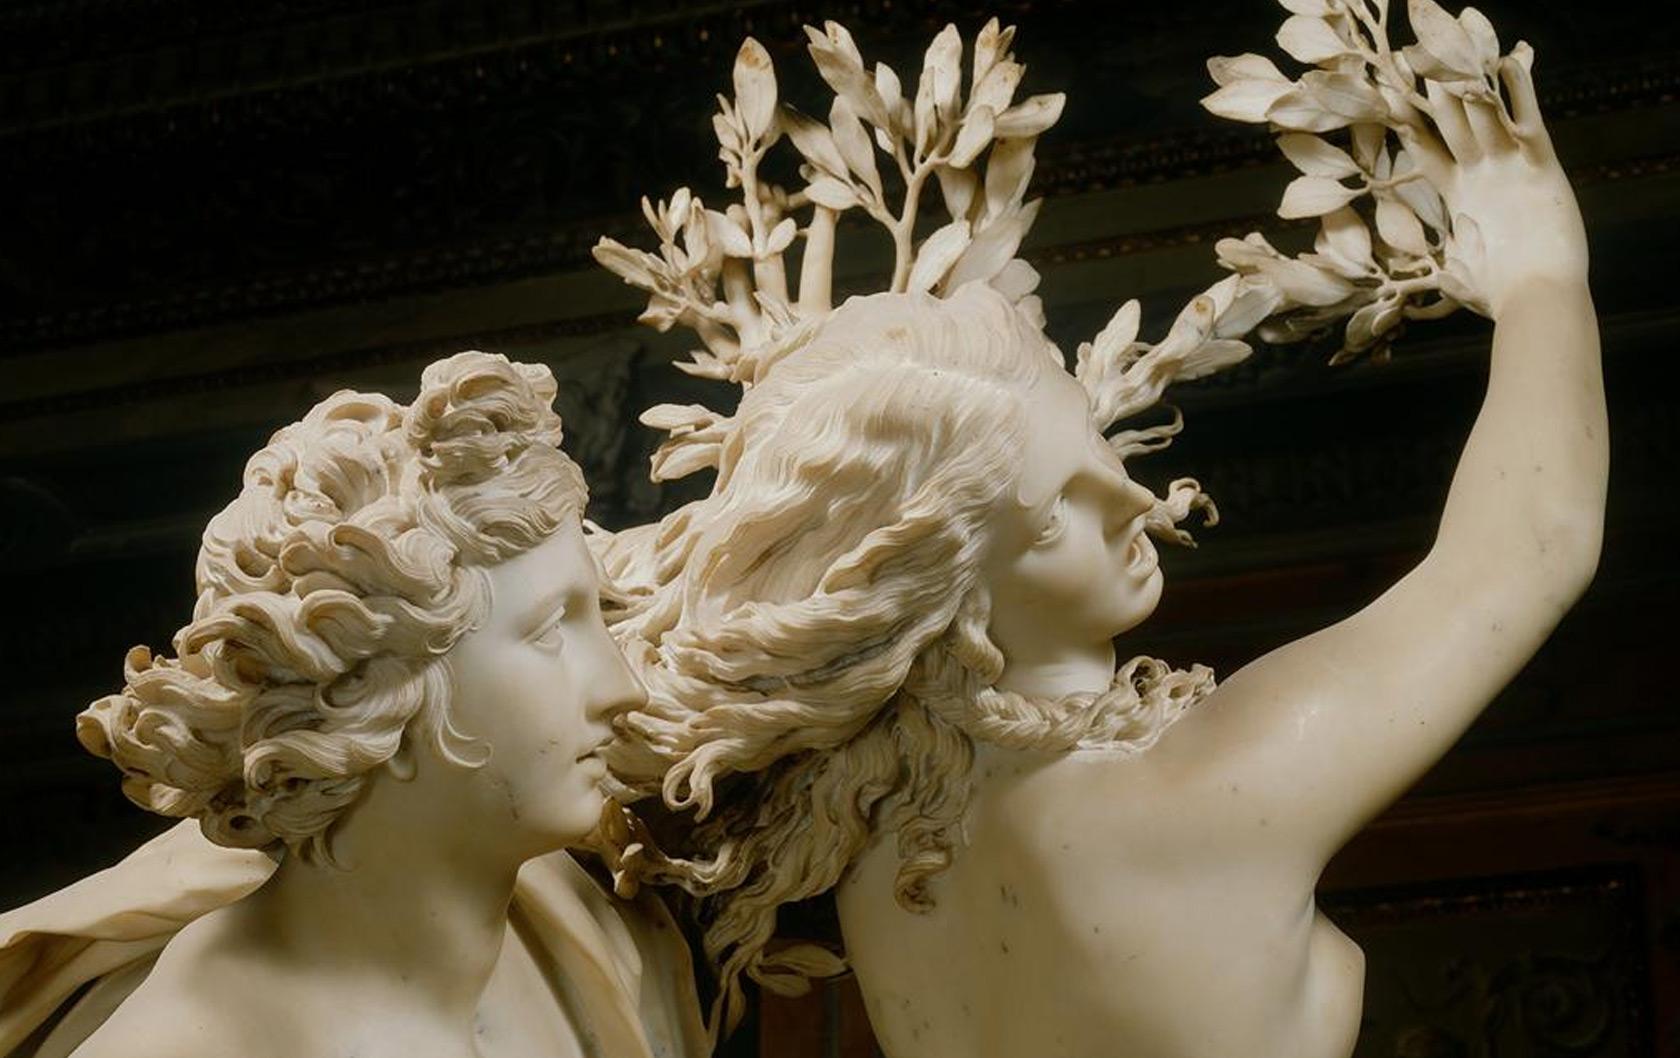 Bernini's Apollo and Daphne: Unrequited Love